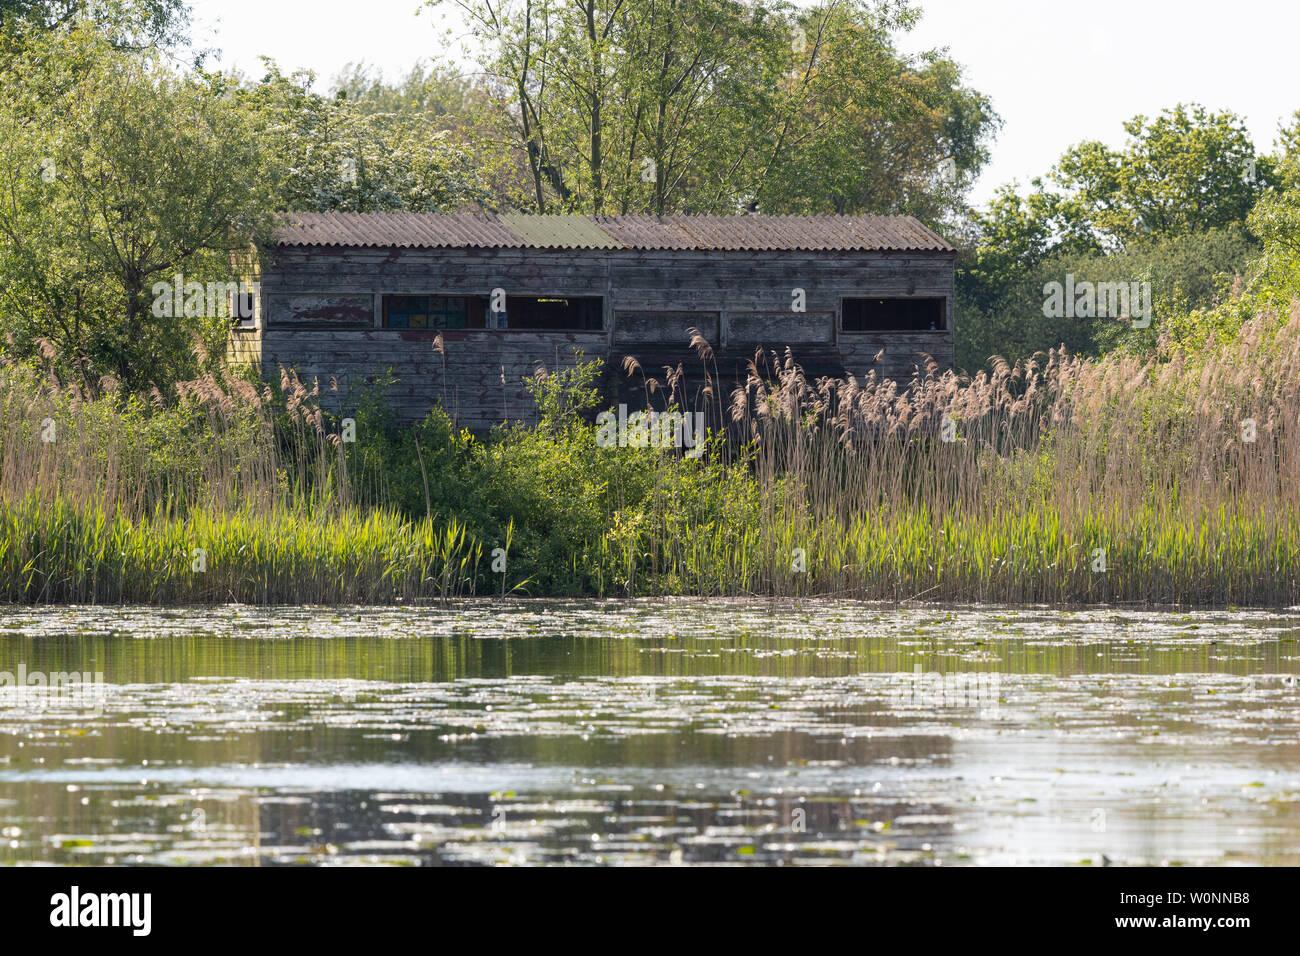 RSPB Vogel verbergen, Rockland Sümpfe Naturschutzgebiet, Rockland Breite, Norfolk, England, Großbritannien Stockbild